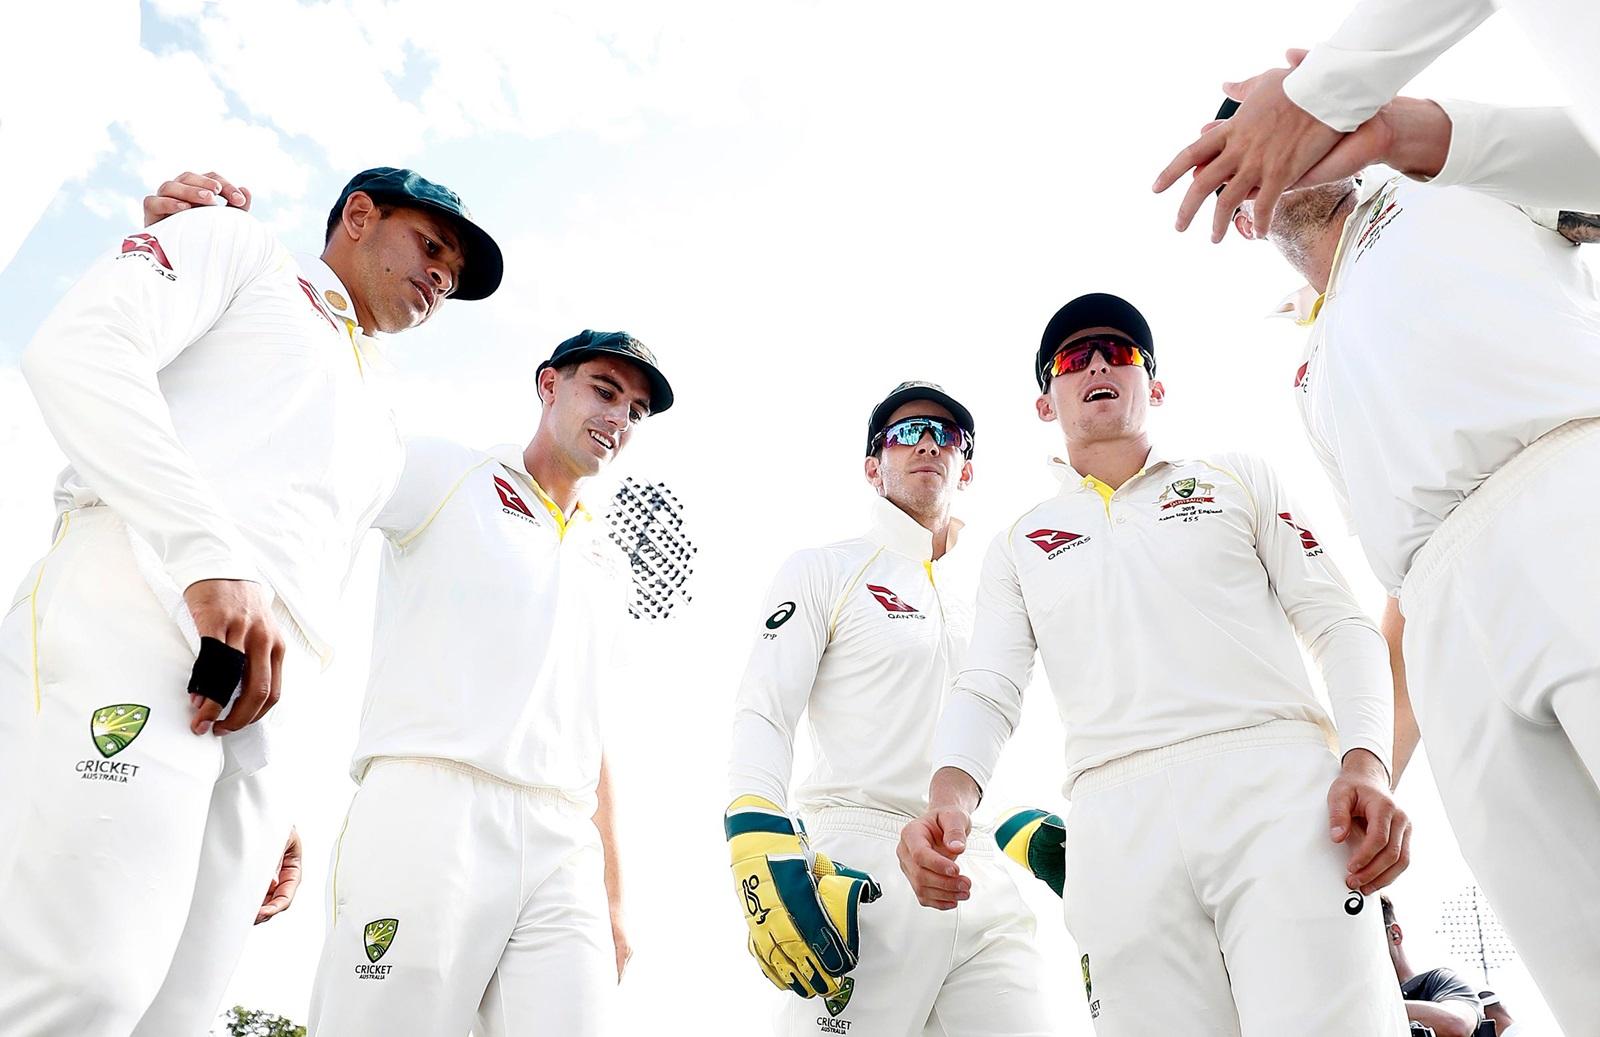 ऑस्ट्रेलिया ने तीसरे टेस्ट की हार के बाद बदला अपना कप्तान, इस प्रकार है पूरी टीम 10